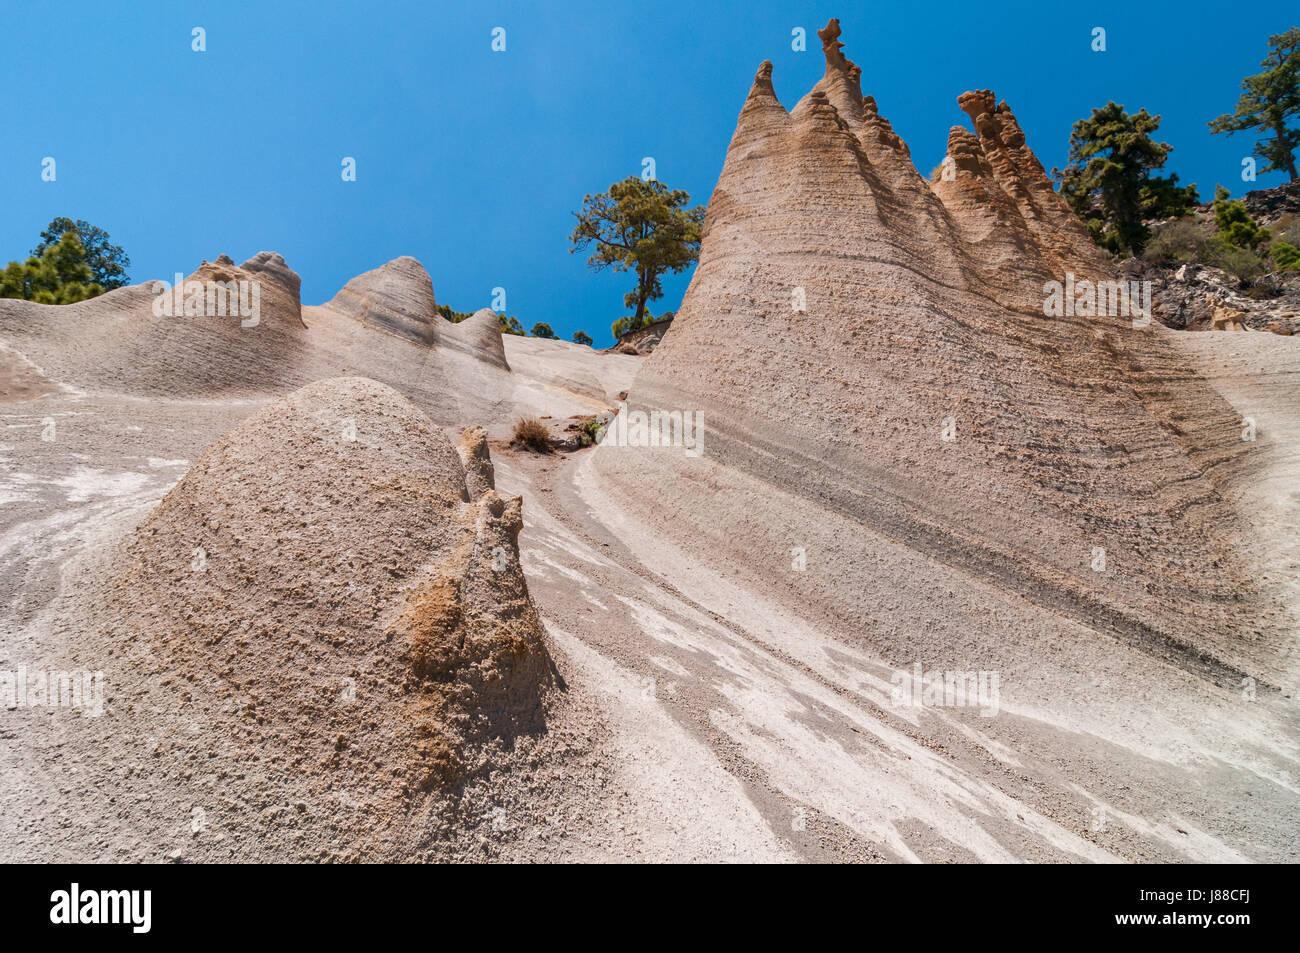 Paisaje Lunar Landschaft, die Erosion von Klippen, Teneriffa, Spanien Stockbild